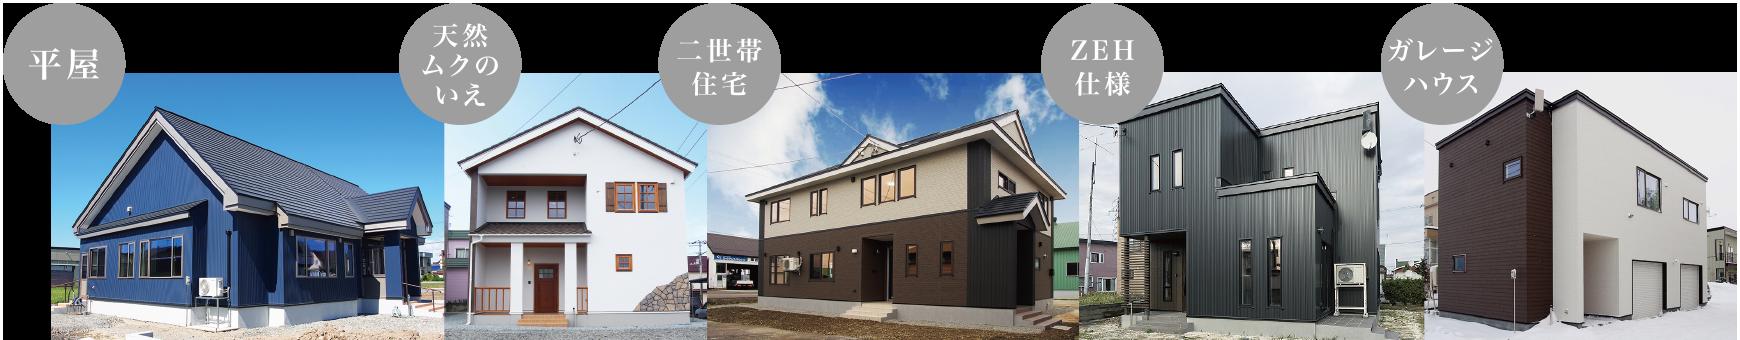 平屋 / 天然ムクのいえ / 二世帯住宅 / ZEH仕様 / ガレージハウス